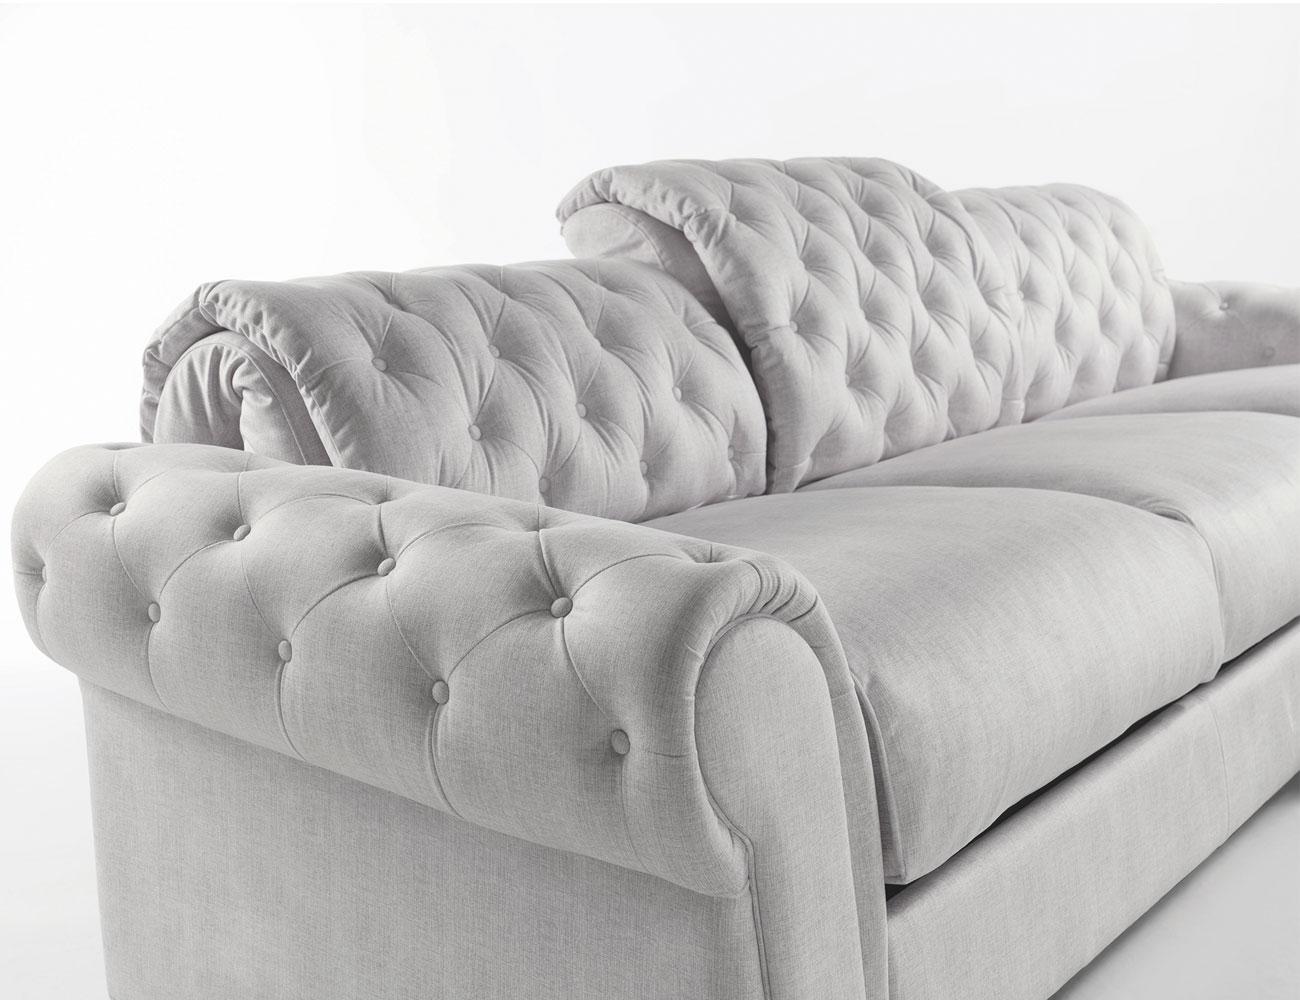 Sofa chaiselongue gran lujo decorativo capitone blanco tela 122